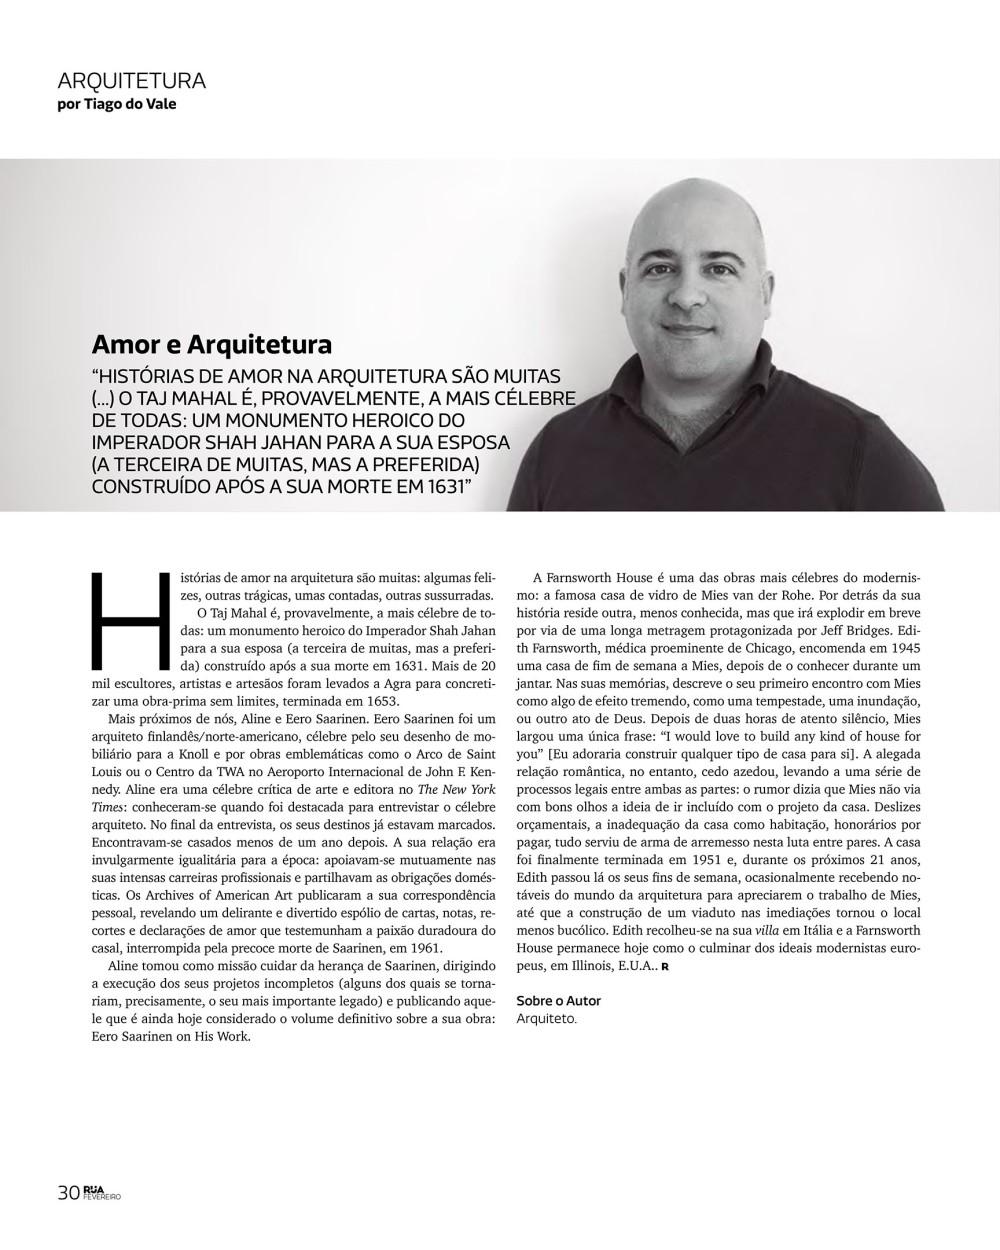 Revista Rua 24, 30